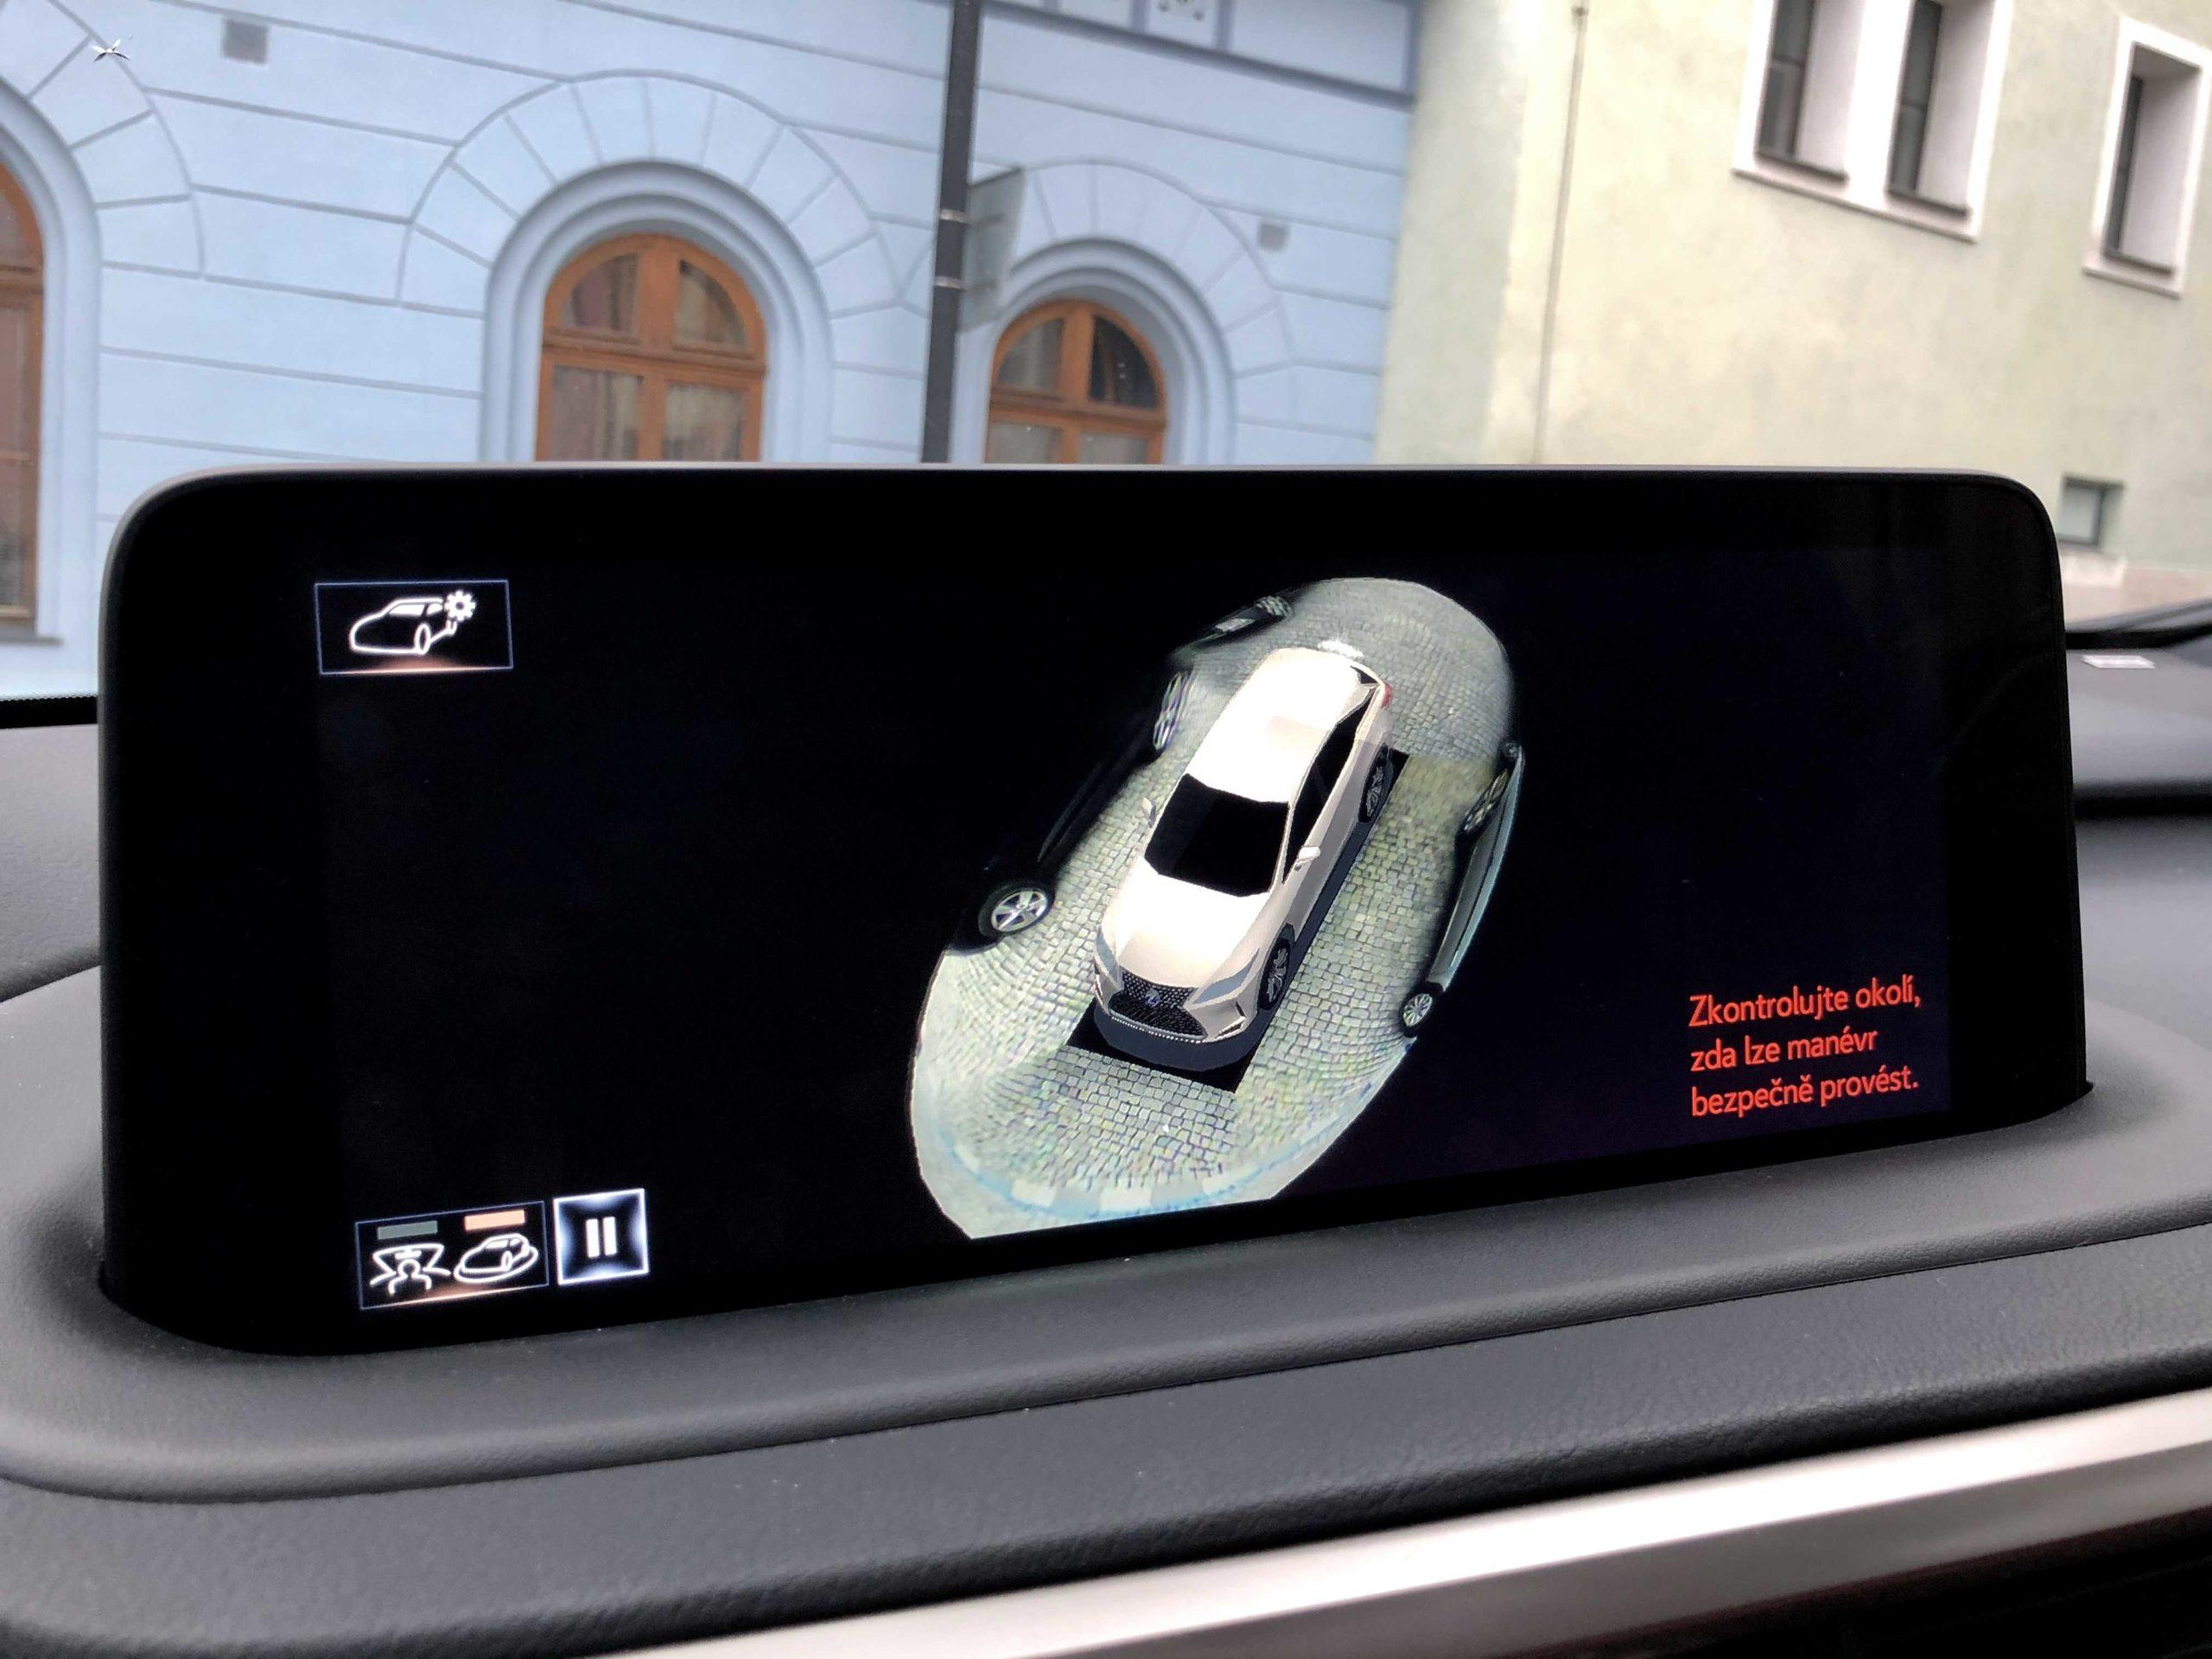 Panoramatické zobrazování okolí vozu